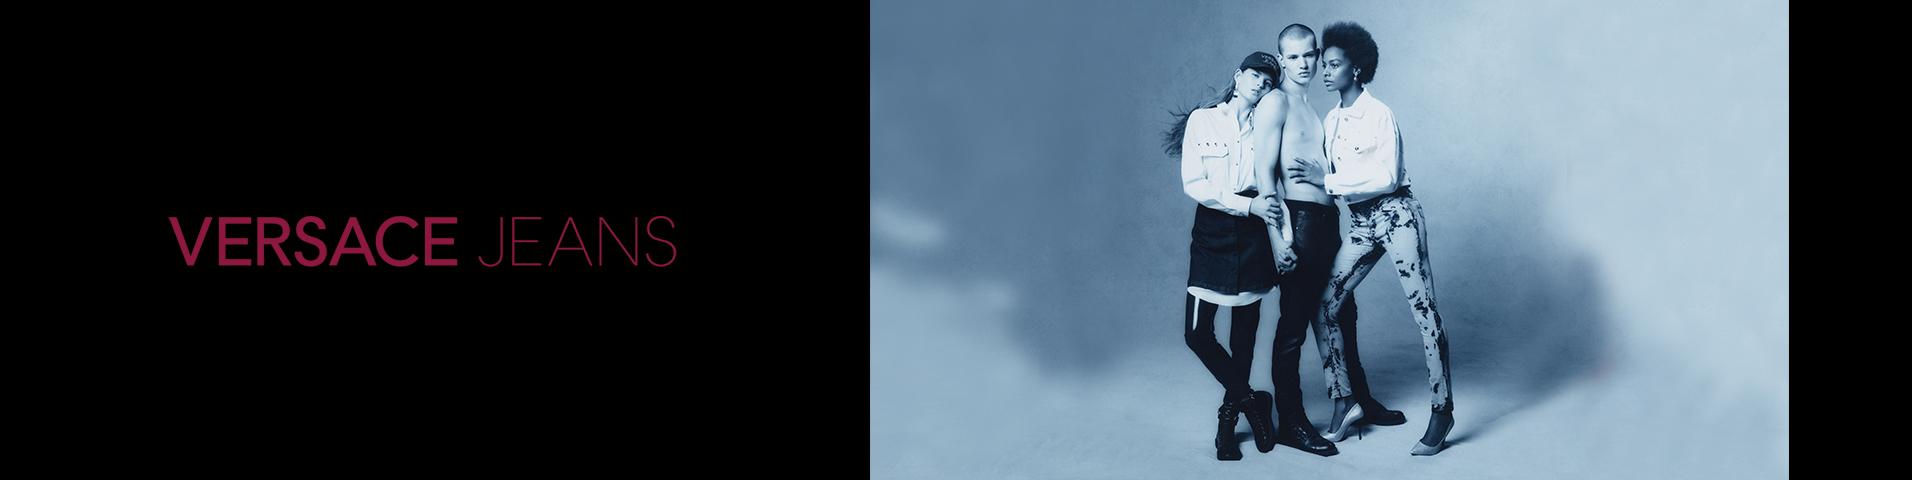 3e8103c7c056 Versace Jeans en ligne   Nouvelle collection sur Zalando